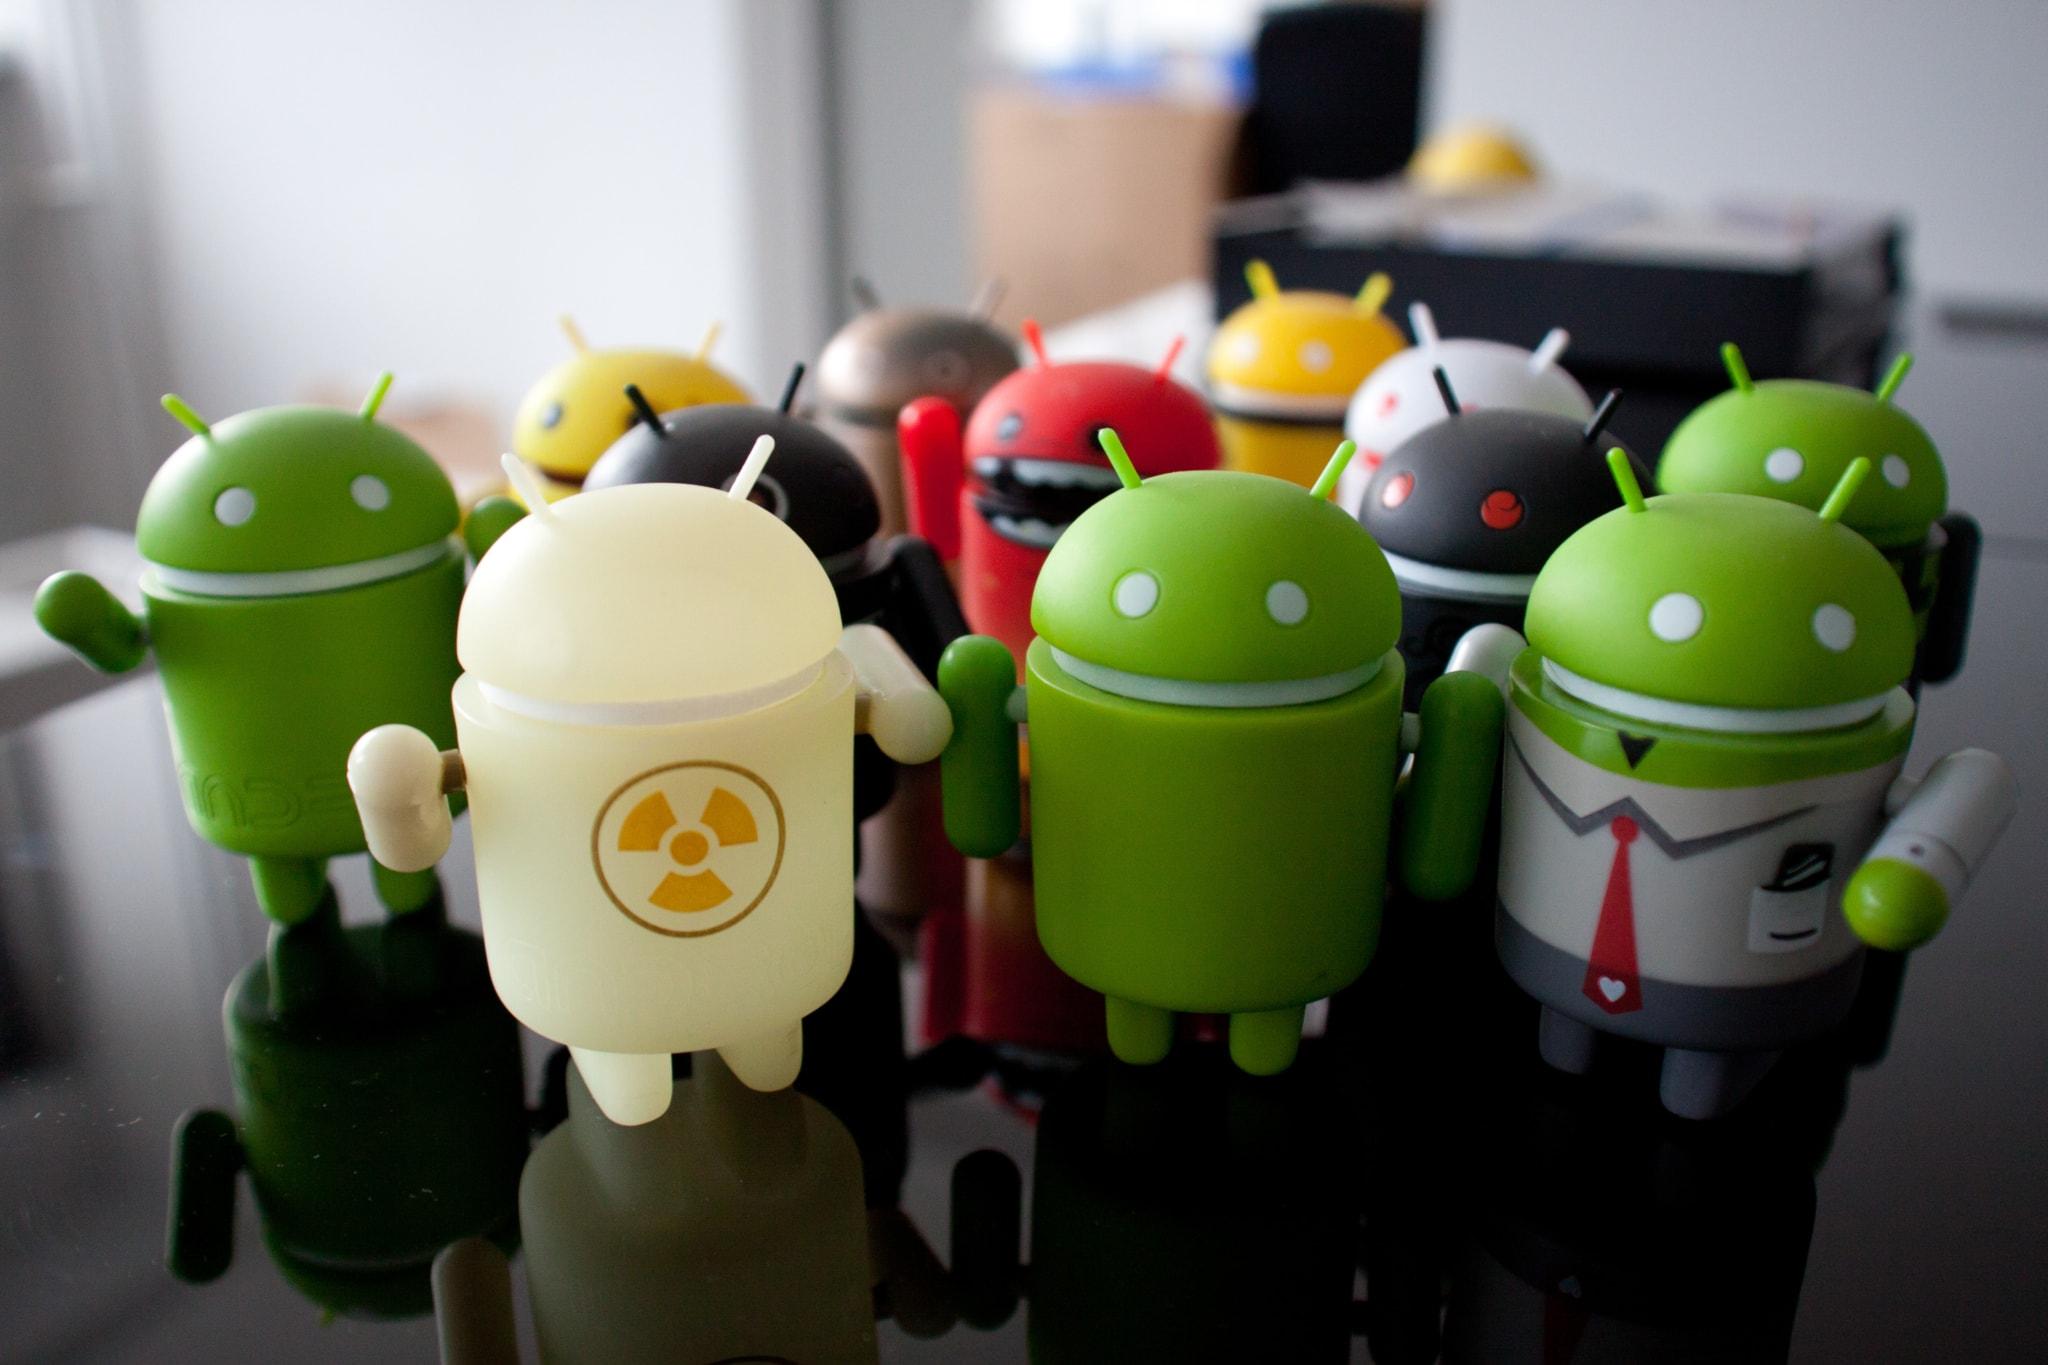 Android 5.0 spowolnił twój telefon? Jest rozwiązanie!